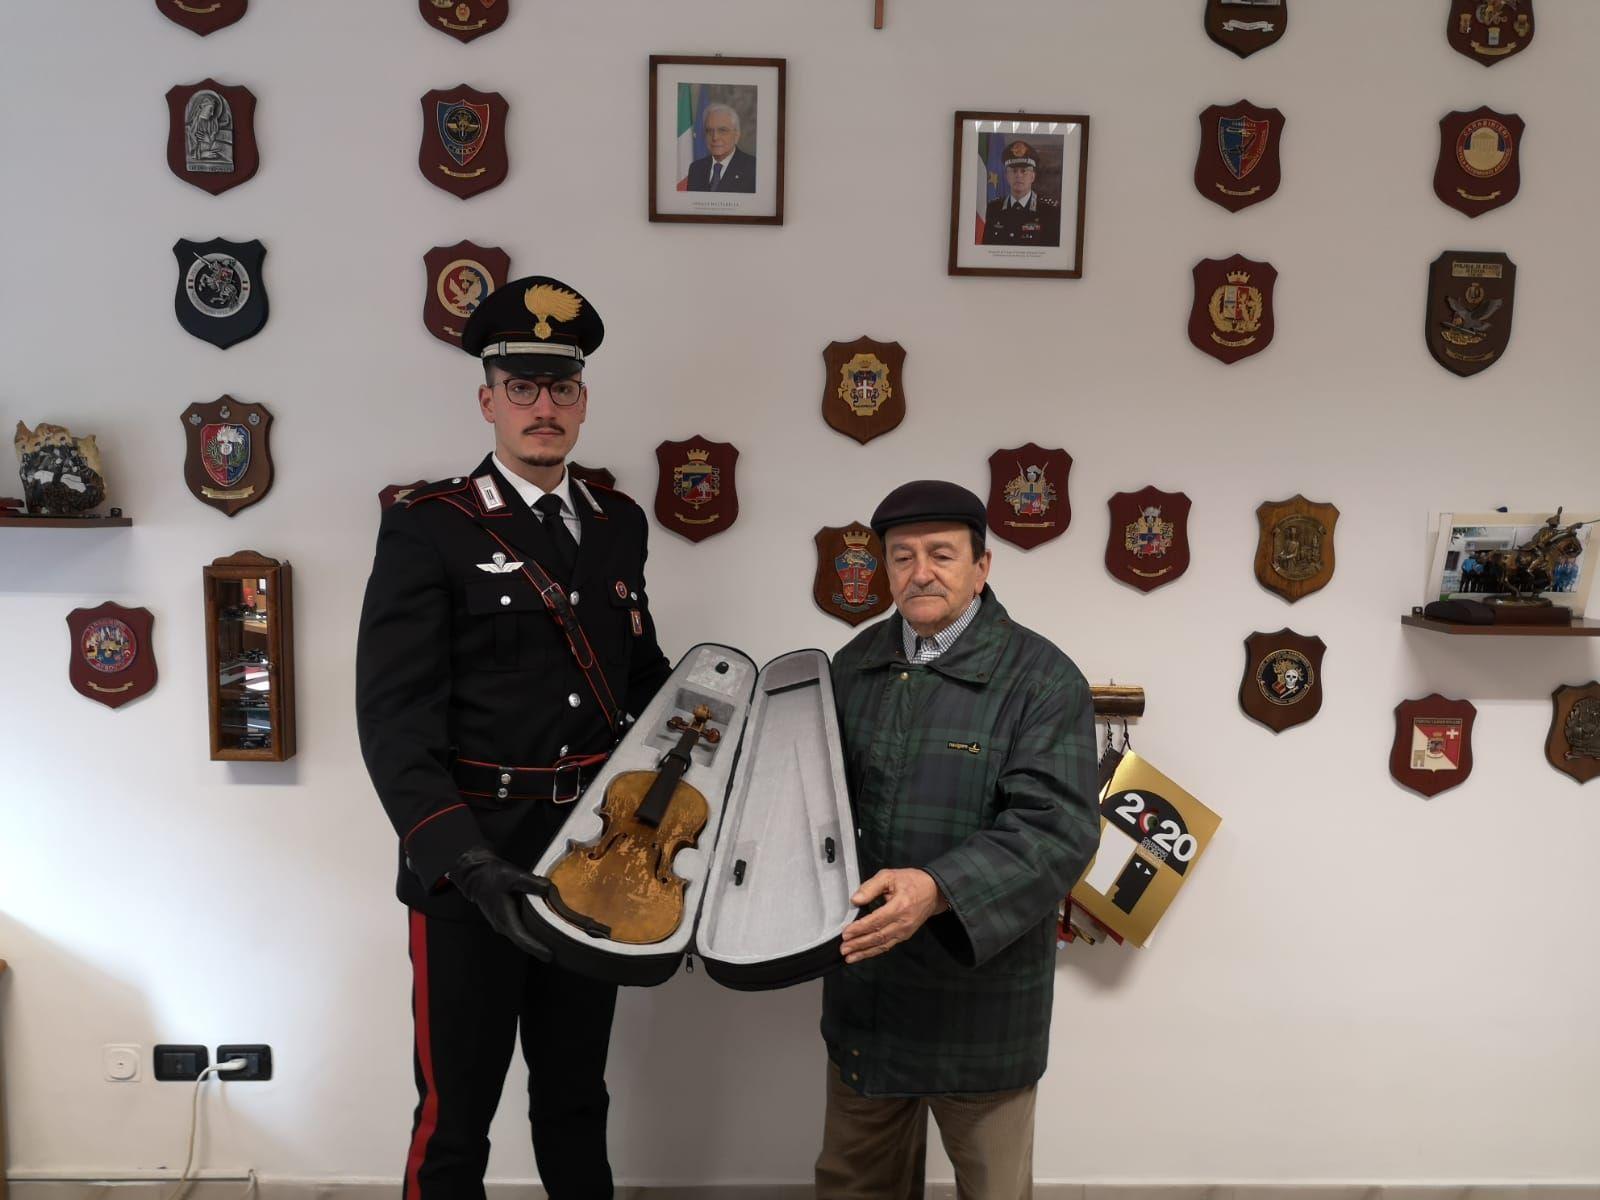 LEINI - Dopo 26 anni il violino rubato è finalmente tornato a casa